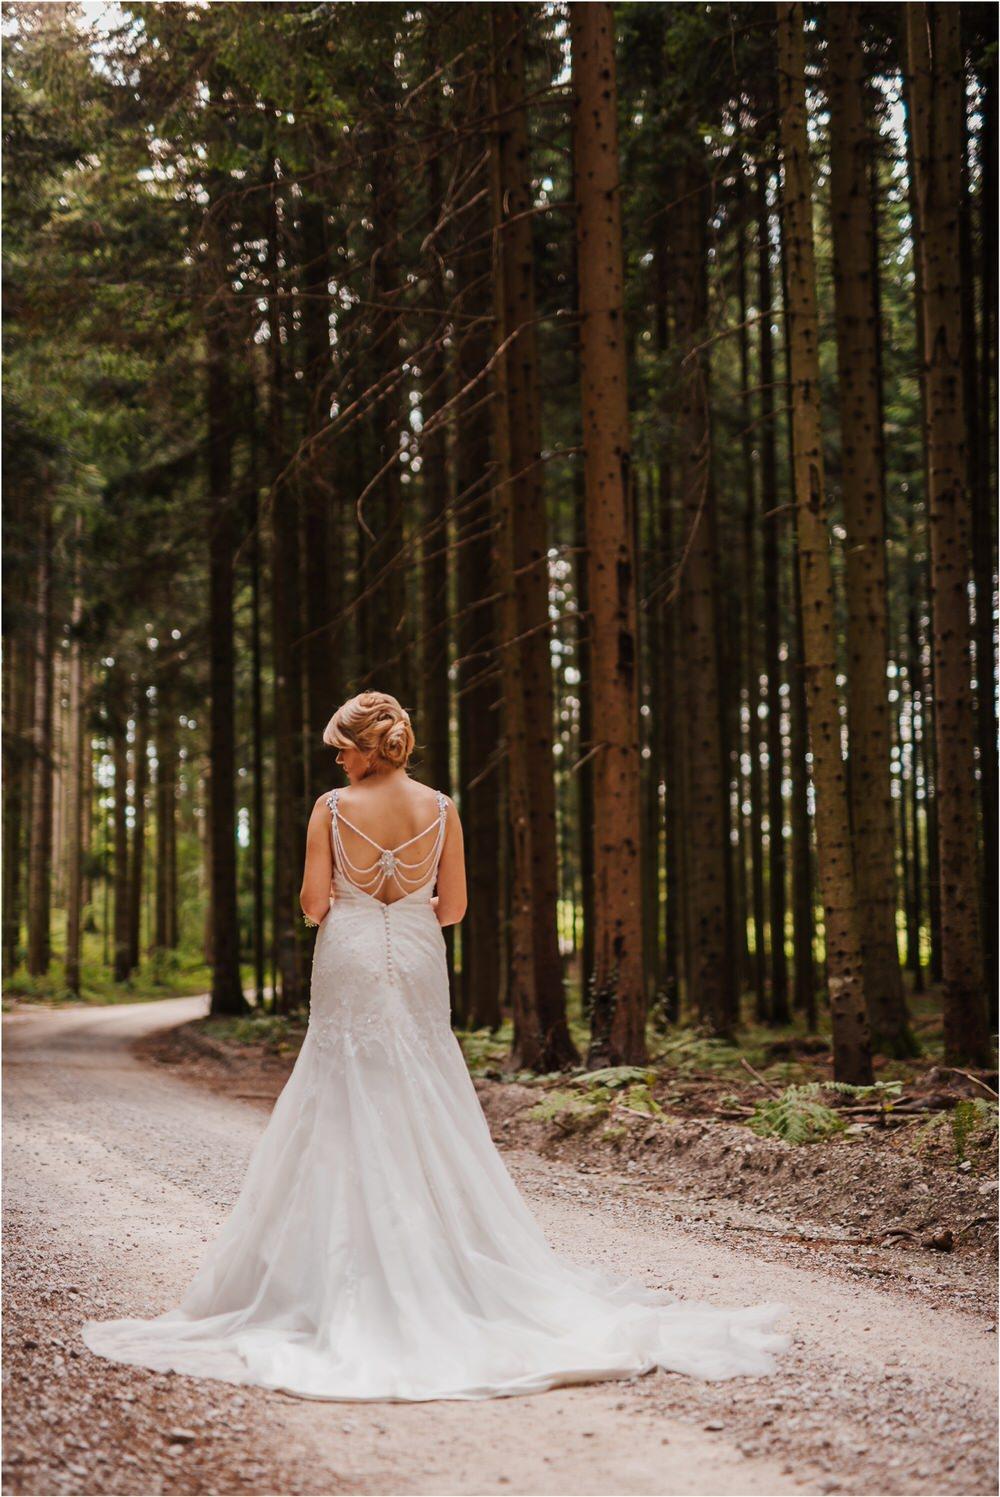 tuscany italy wedding photographer croatia austria france ireland lake bled engagement wedding porocni fotograf 0040.jpg